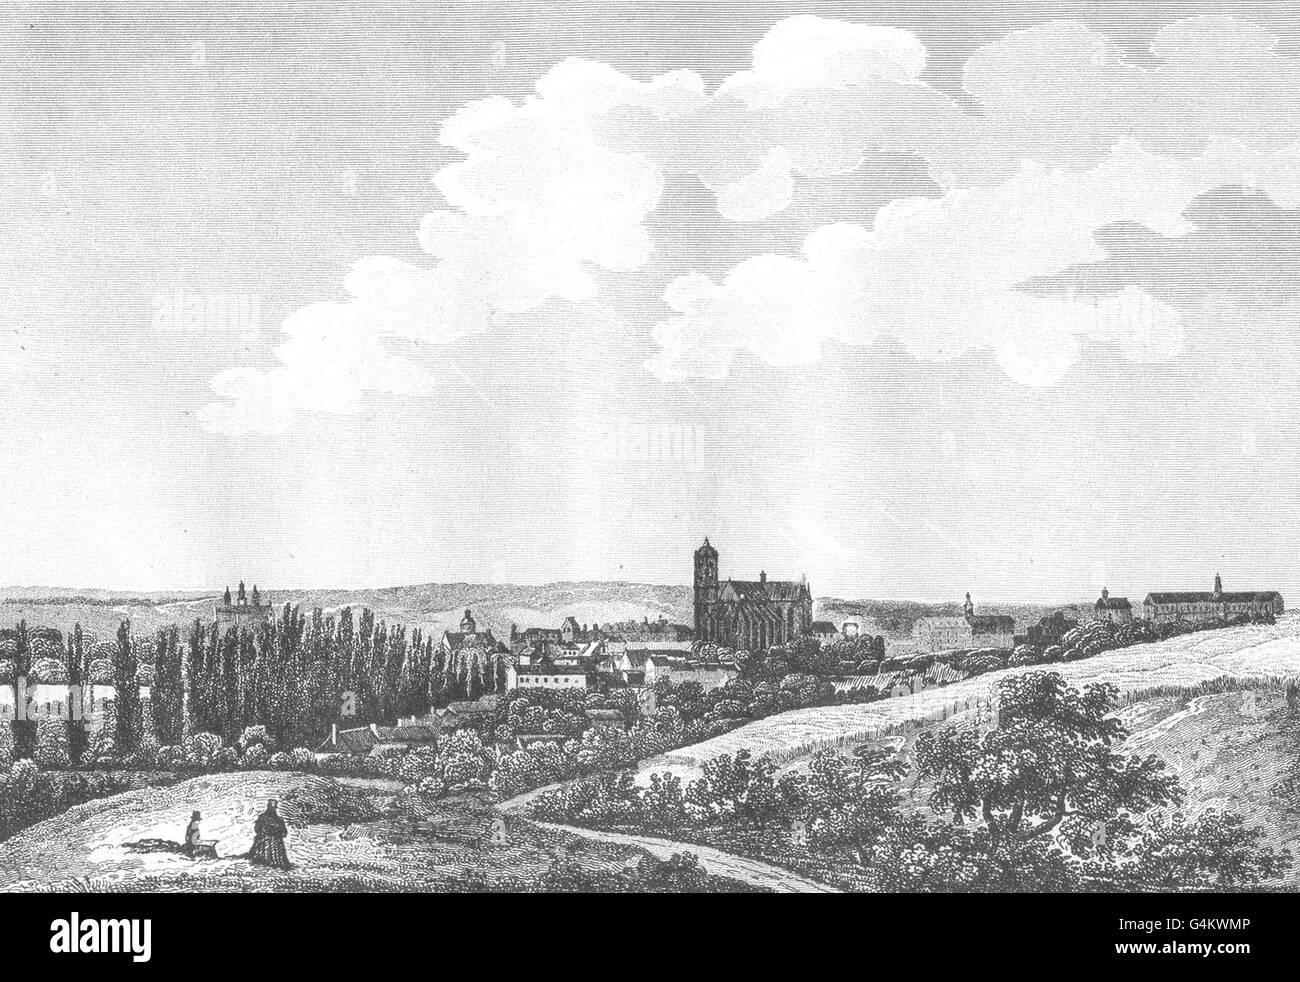 SARTHE: Le Mans, antique print 1835 - Stock Image